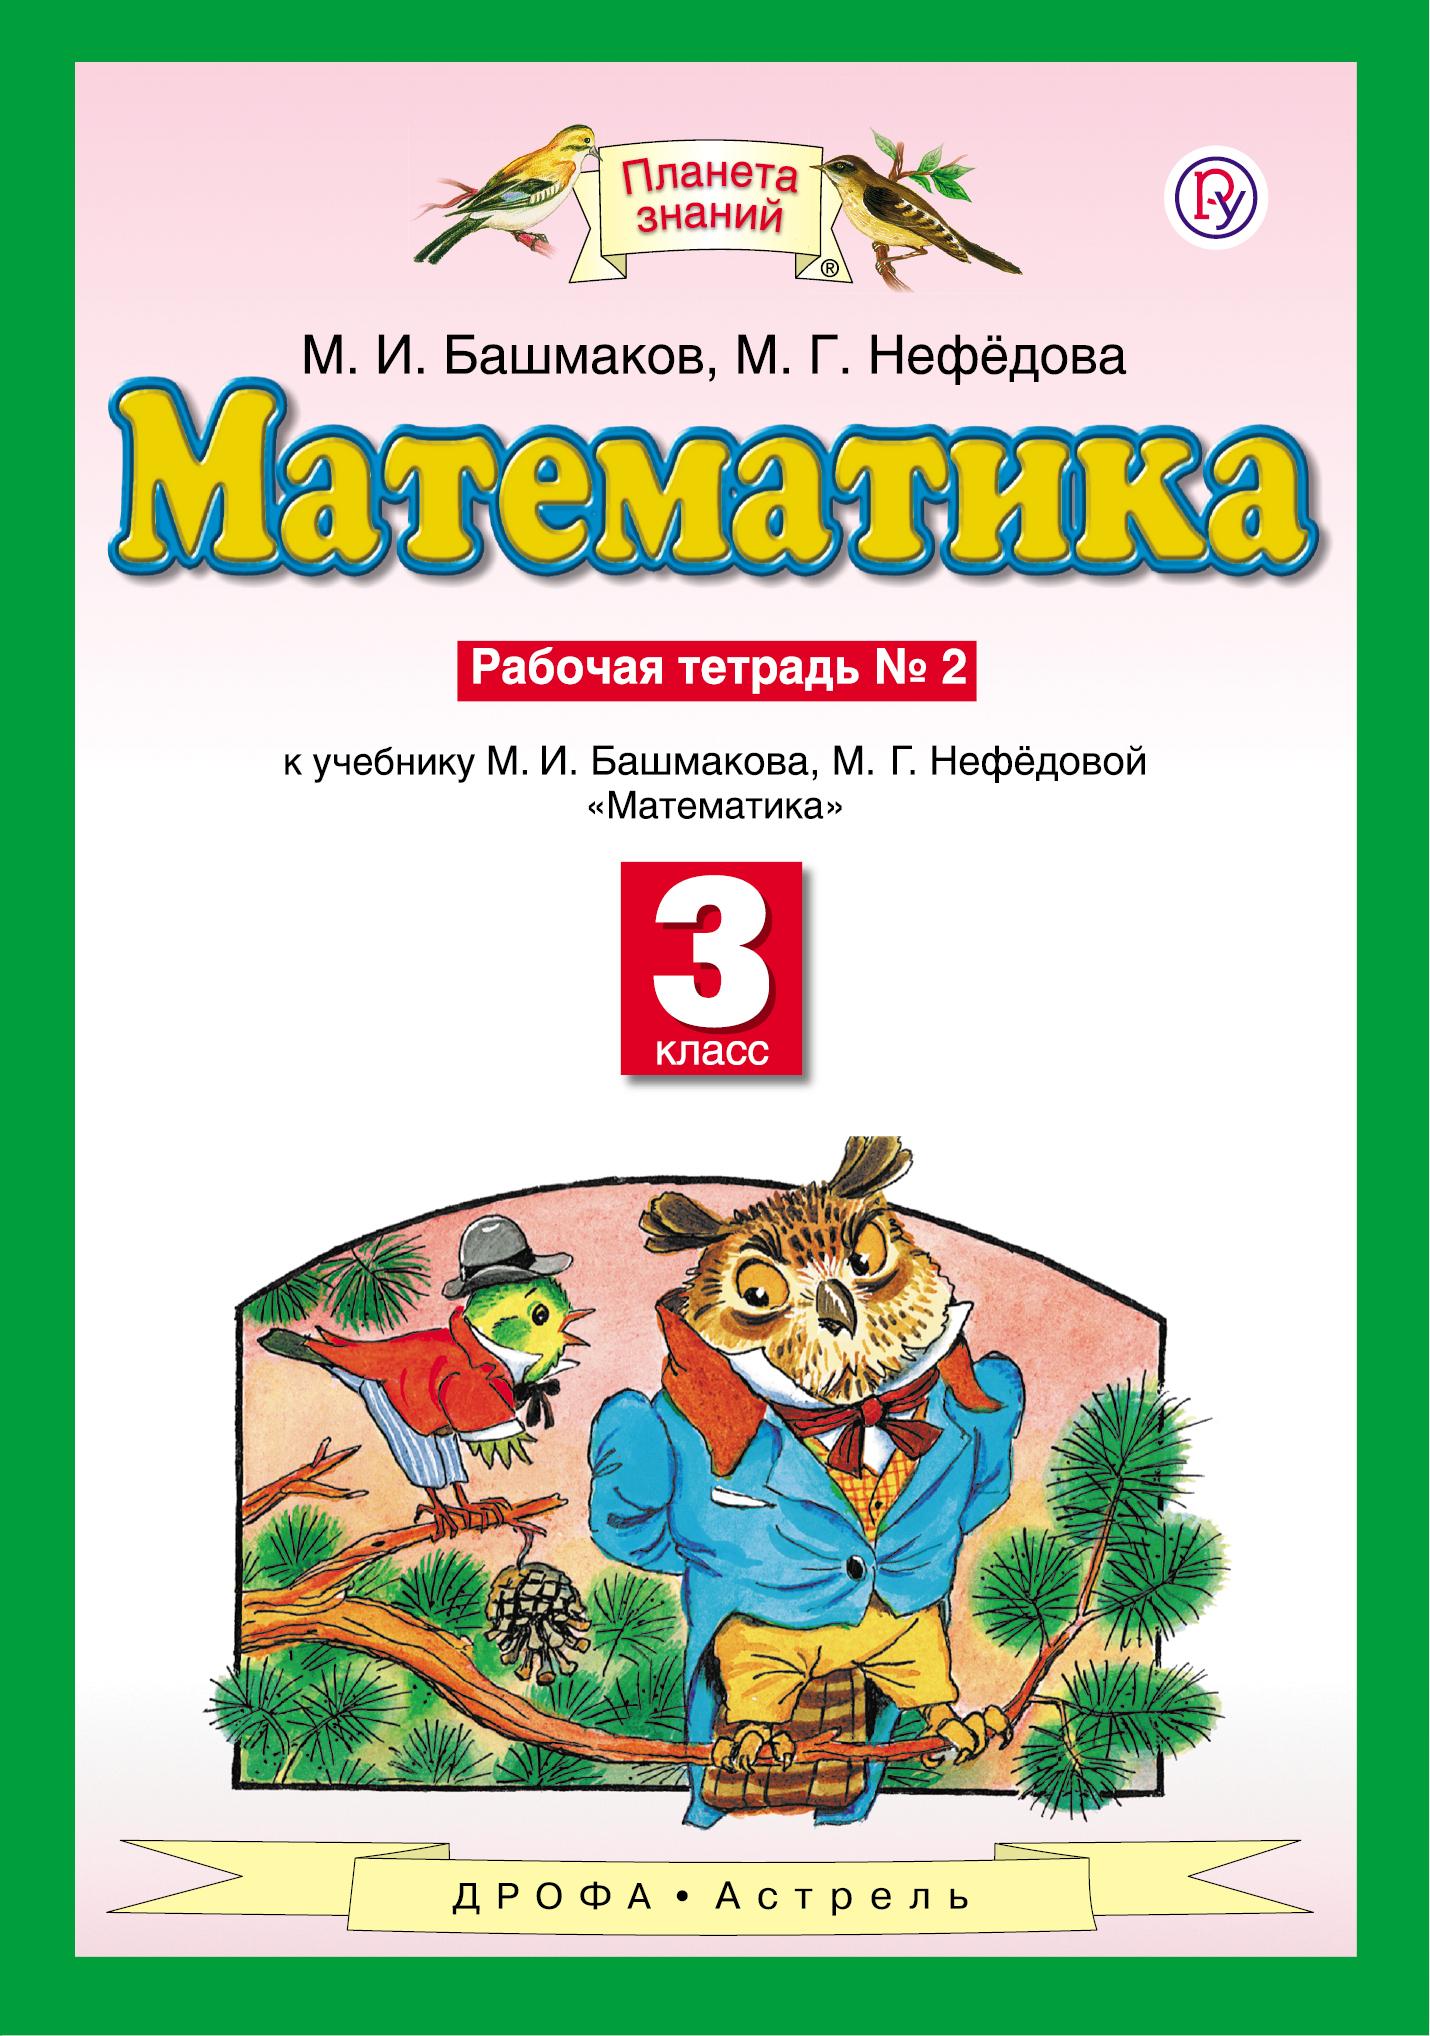 Математика. 3 класс. Рабочая тетрадь №2